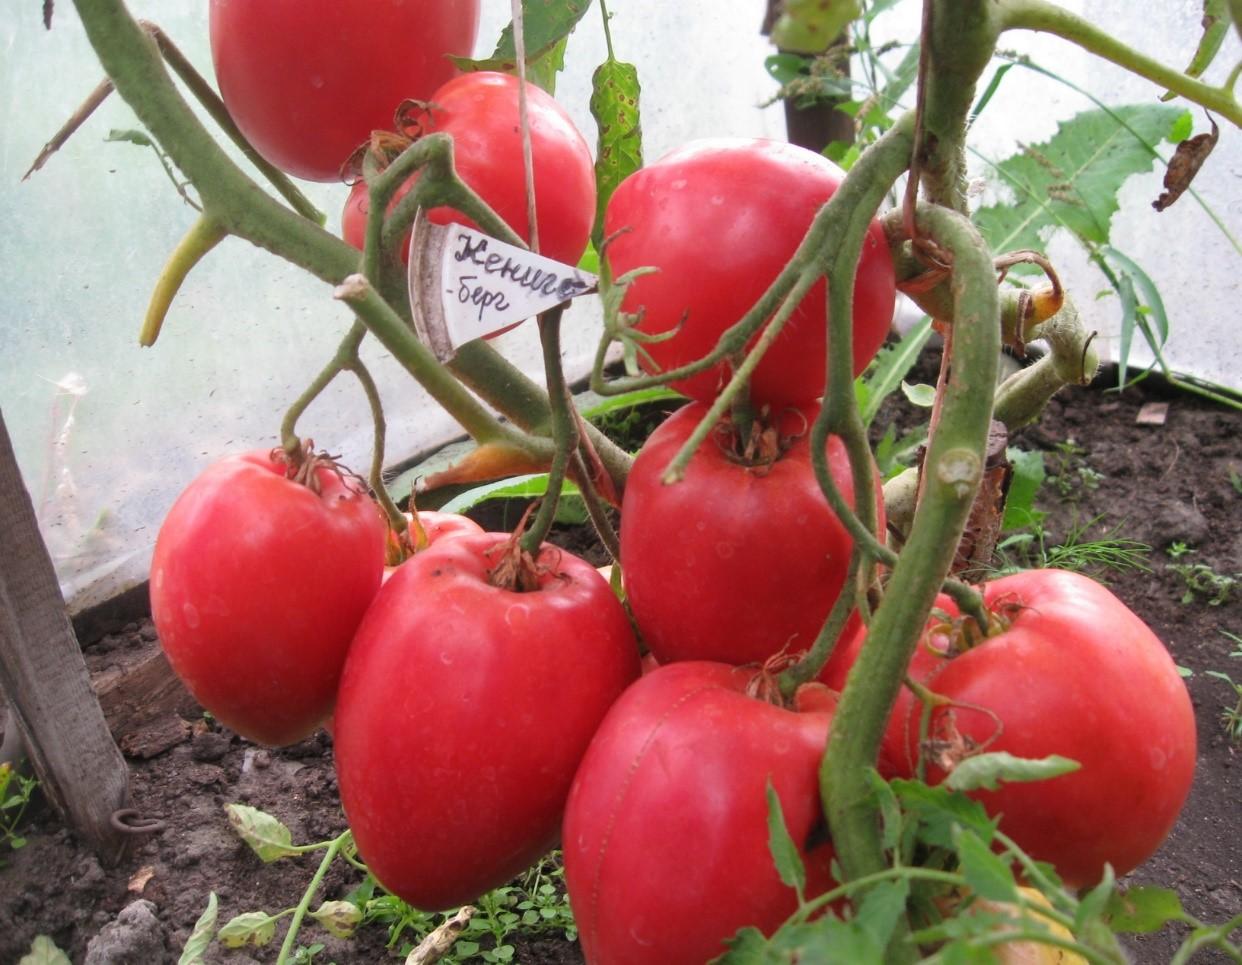 Кенигсберг сердцевидный - высокорослый, плоды весом до 1 кг, сердцевидной формы